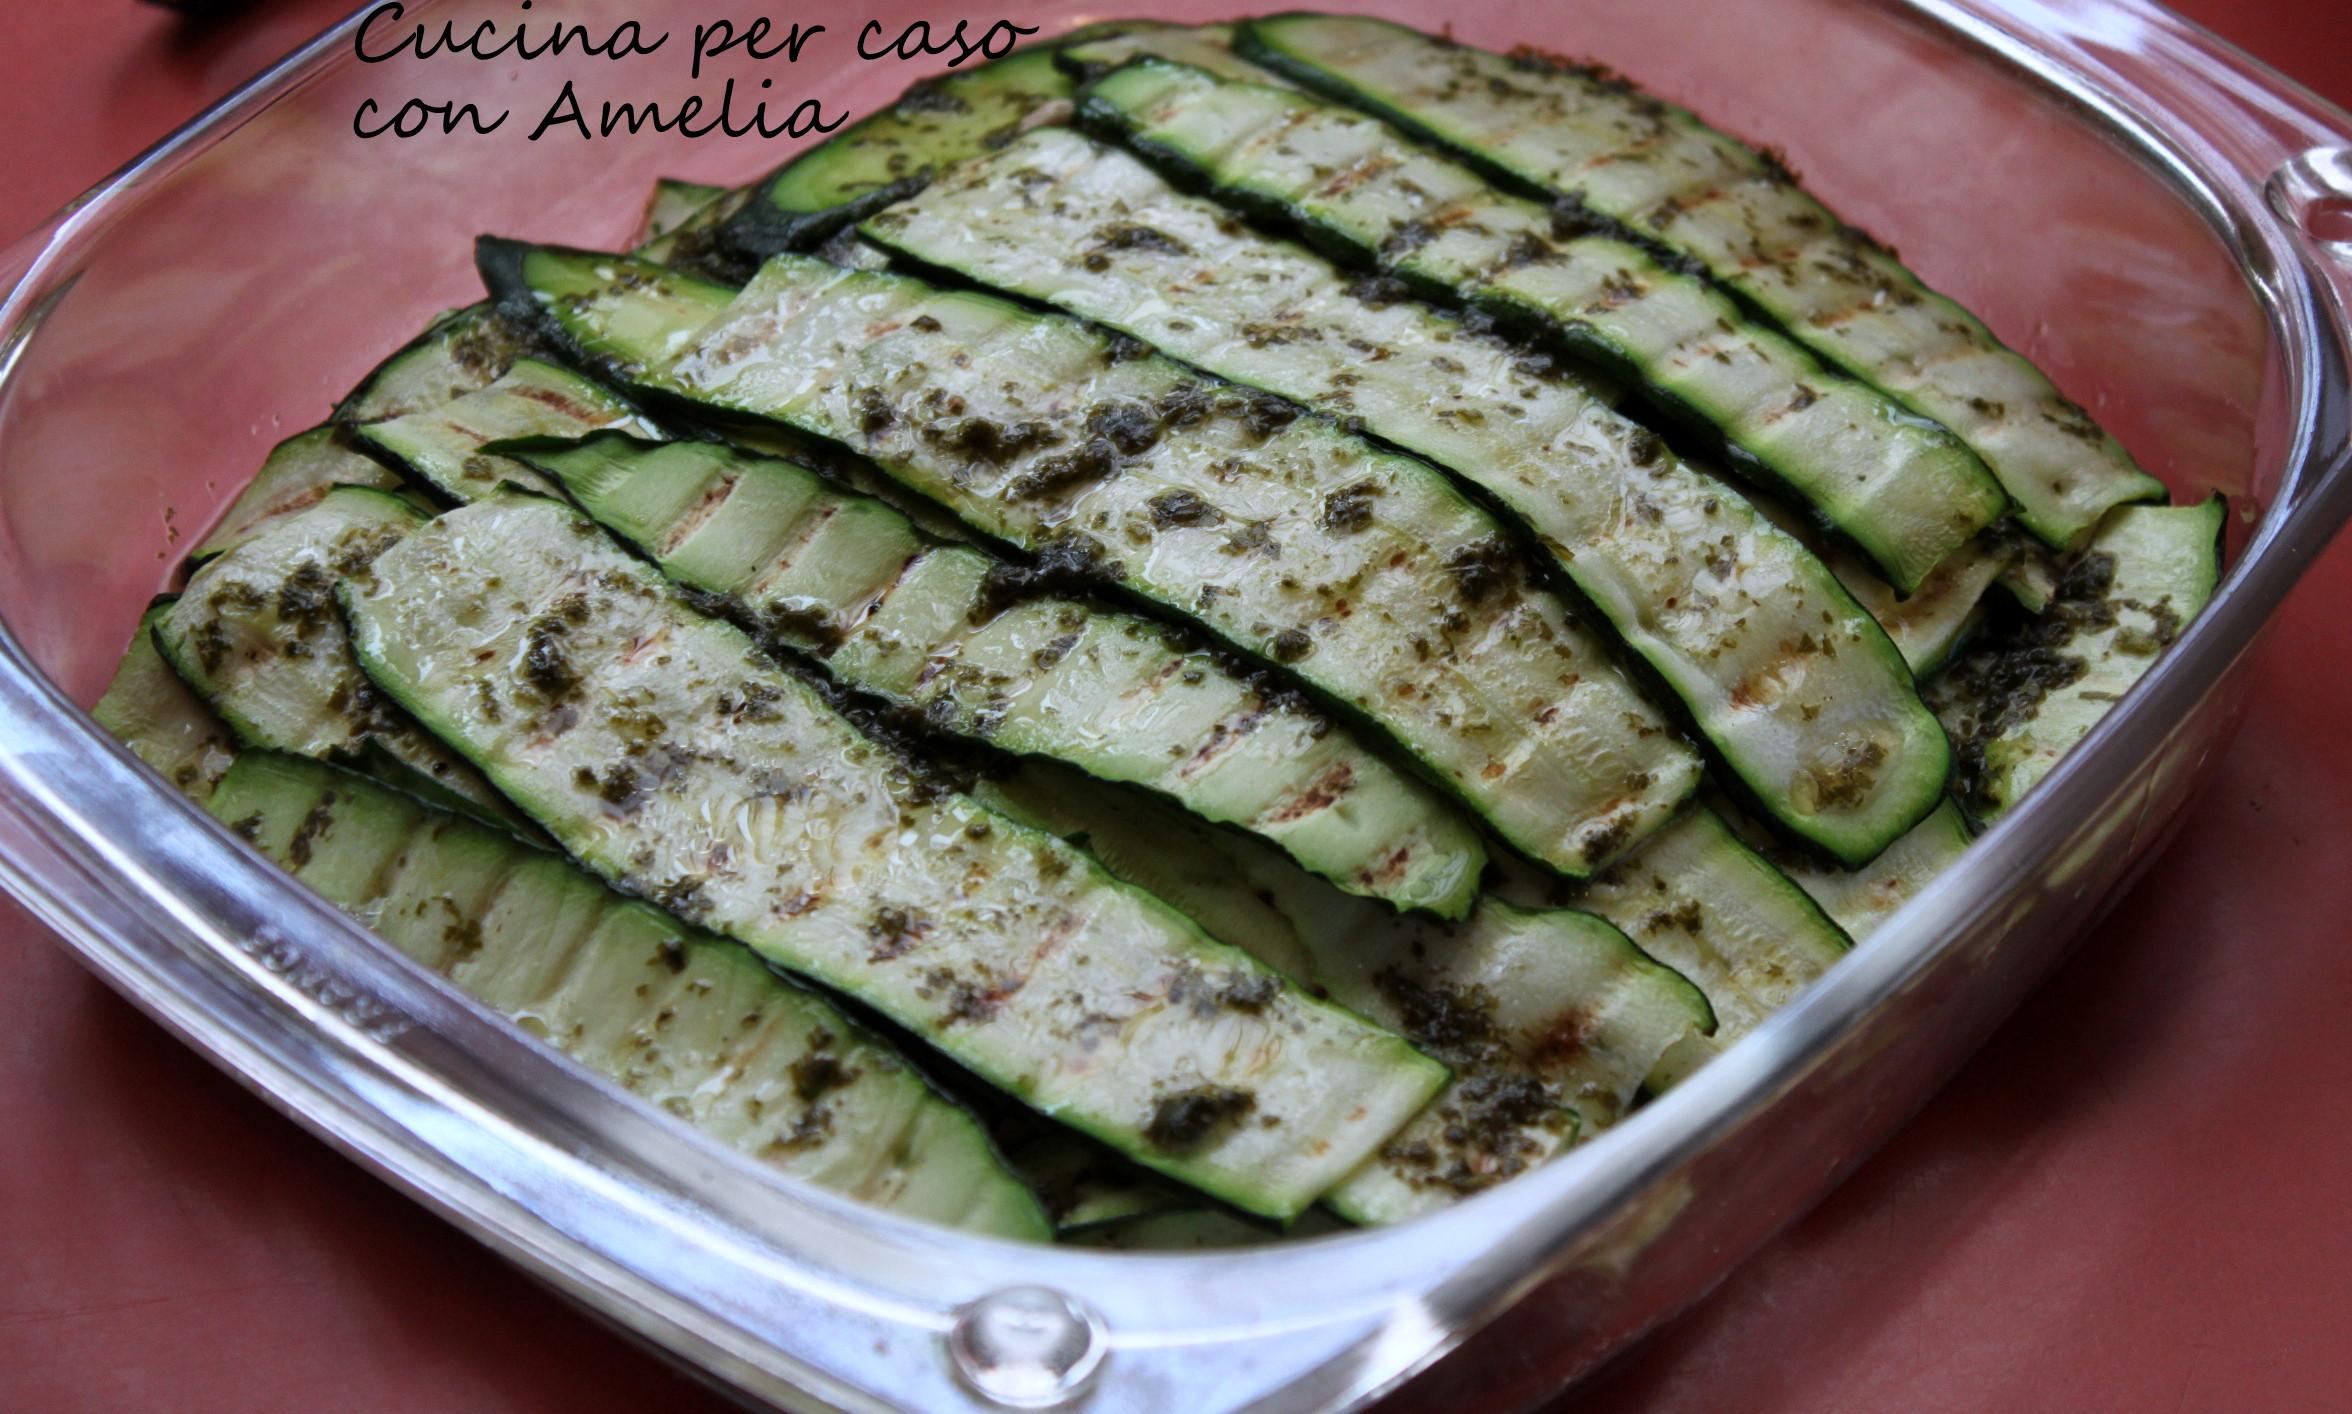 zucchine grigliate ricetta contorno cucina per caso con